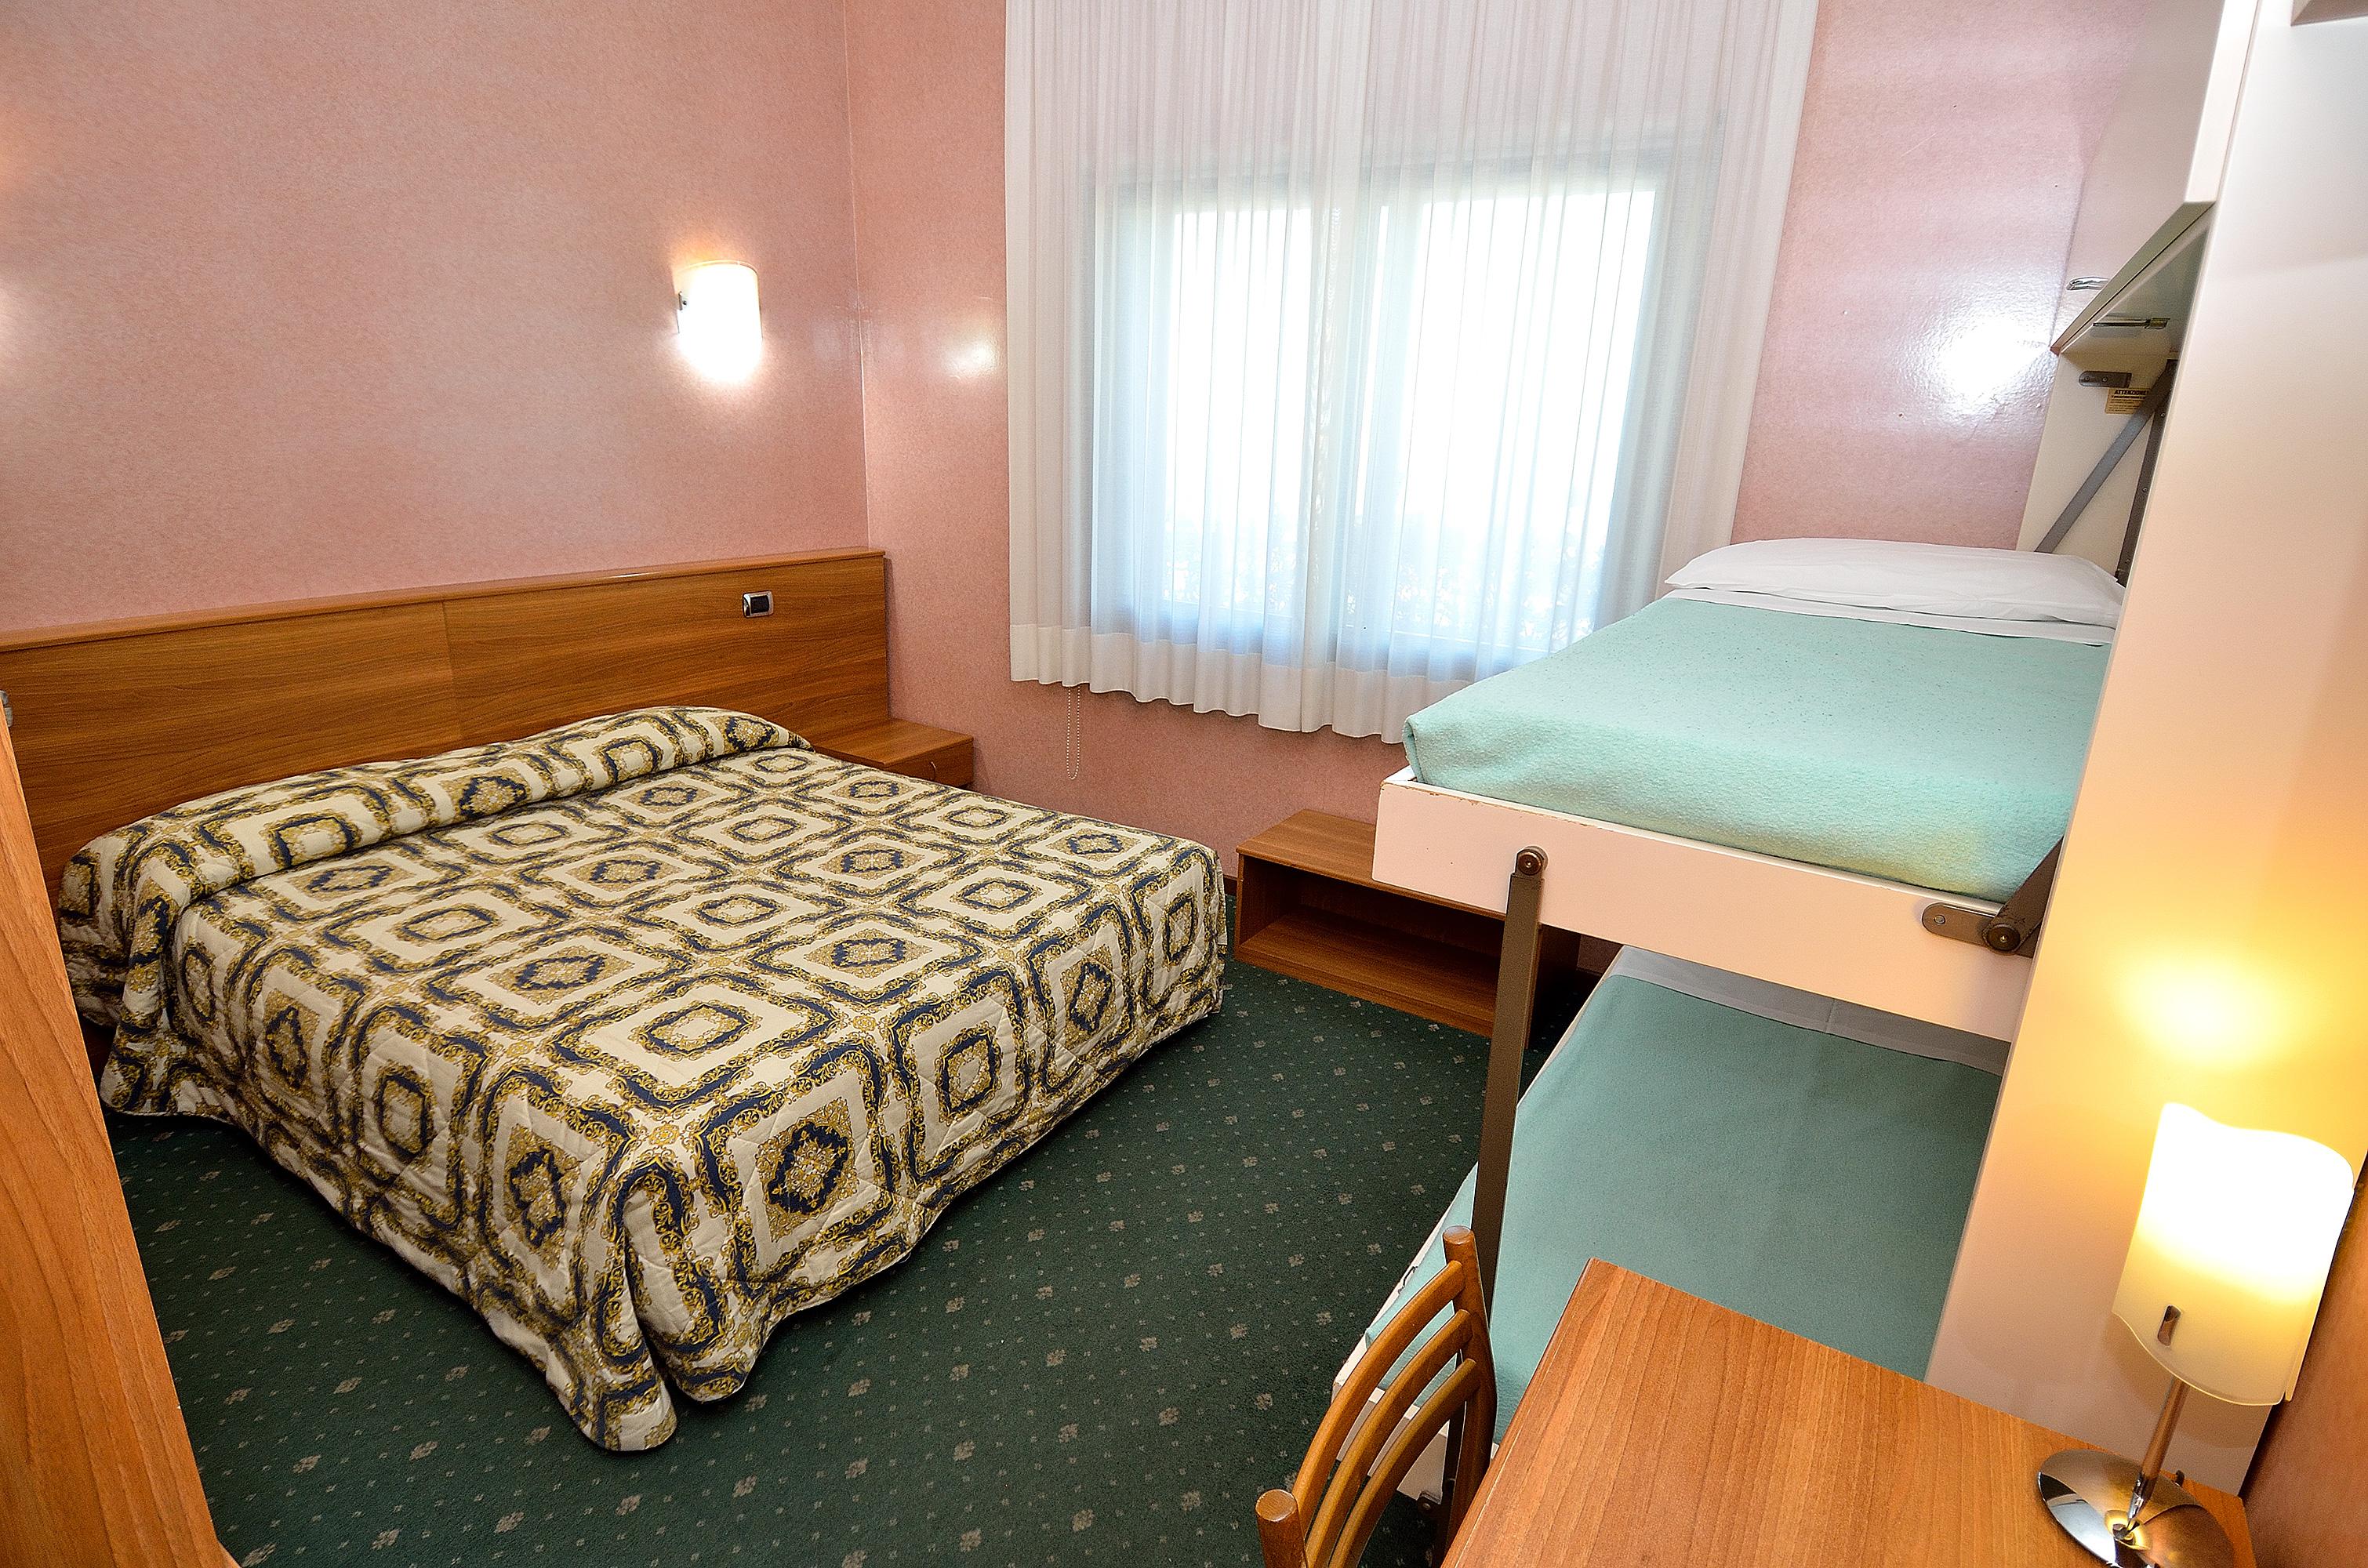 Letto A Castello Triple.Hotel Nuova Mestre Venice Italy Official Site